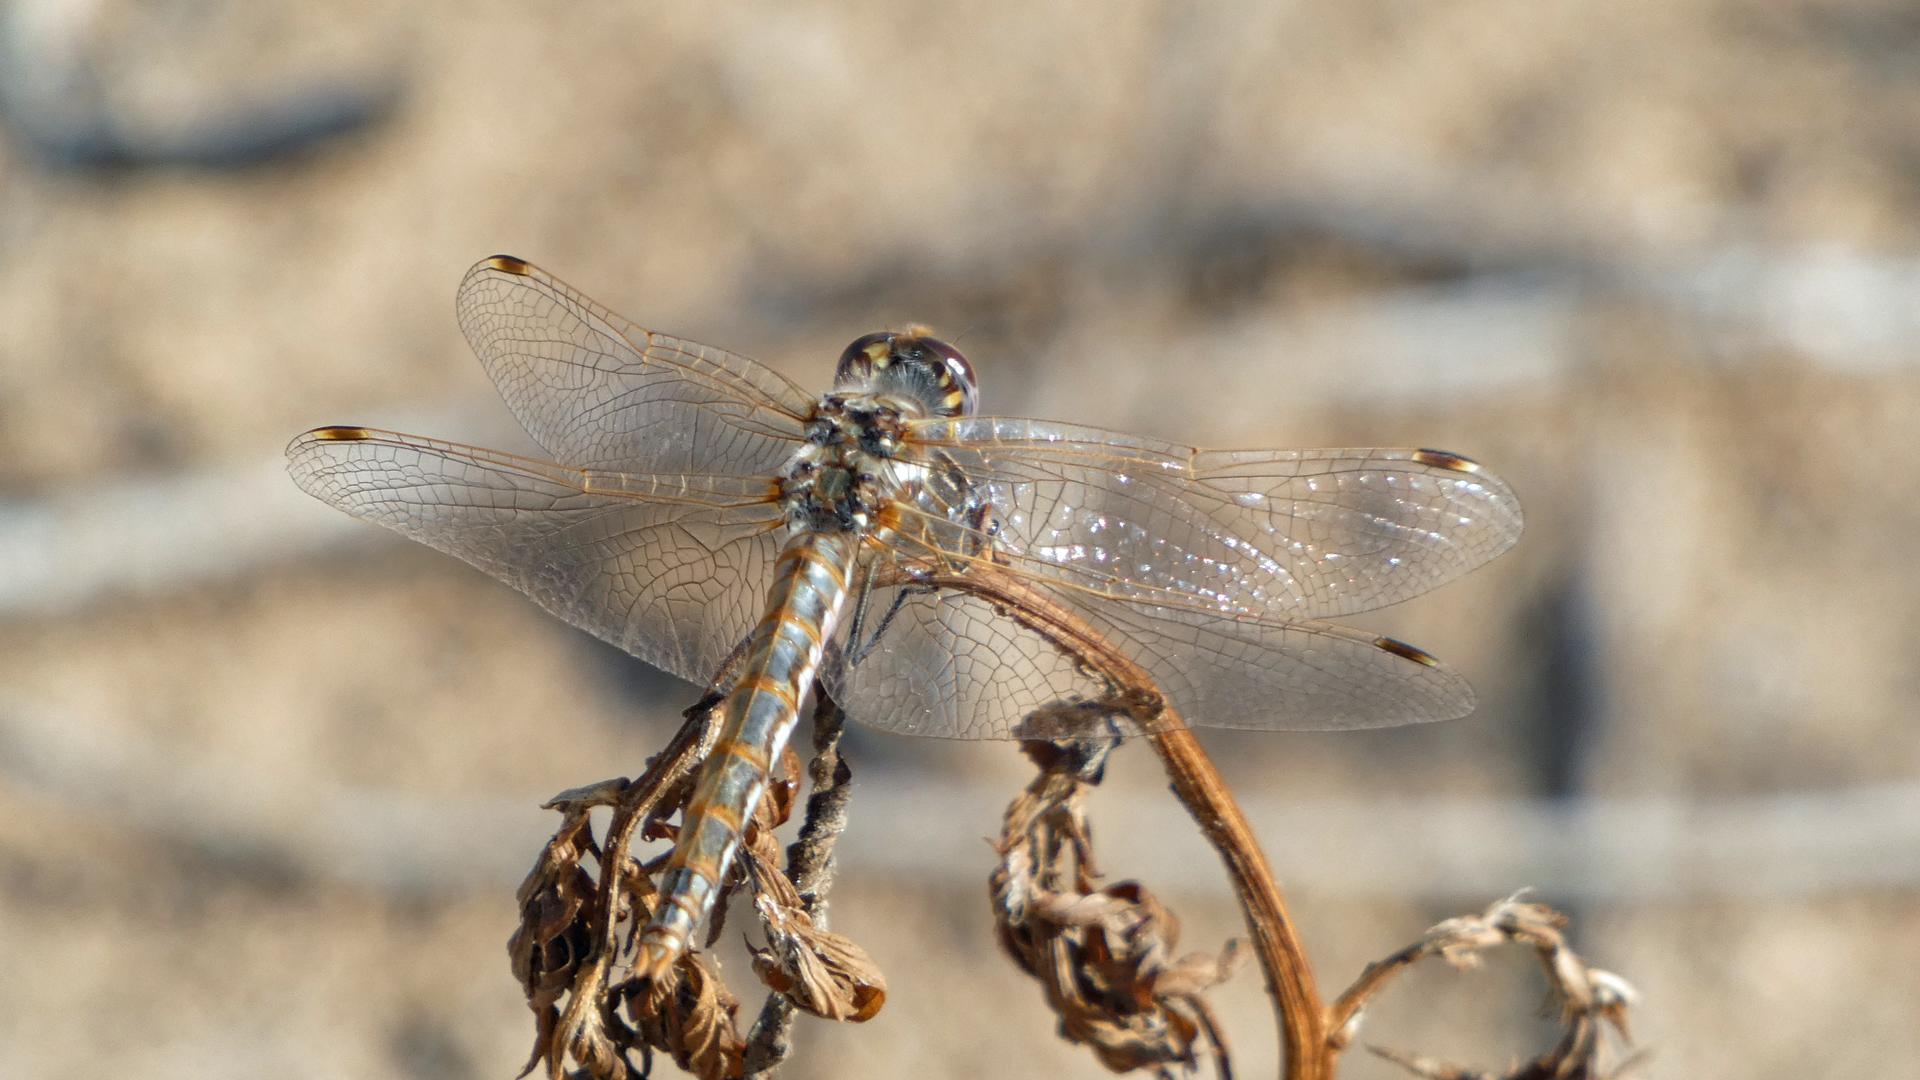 Female, Rio Grande Bosque, Albuquerque, July 2021